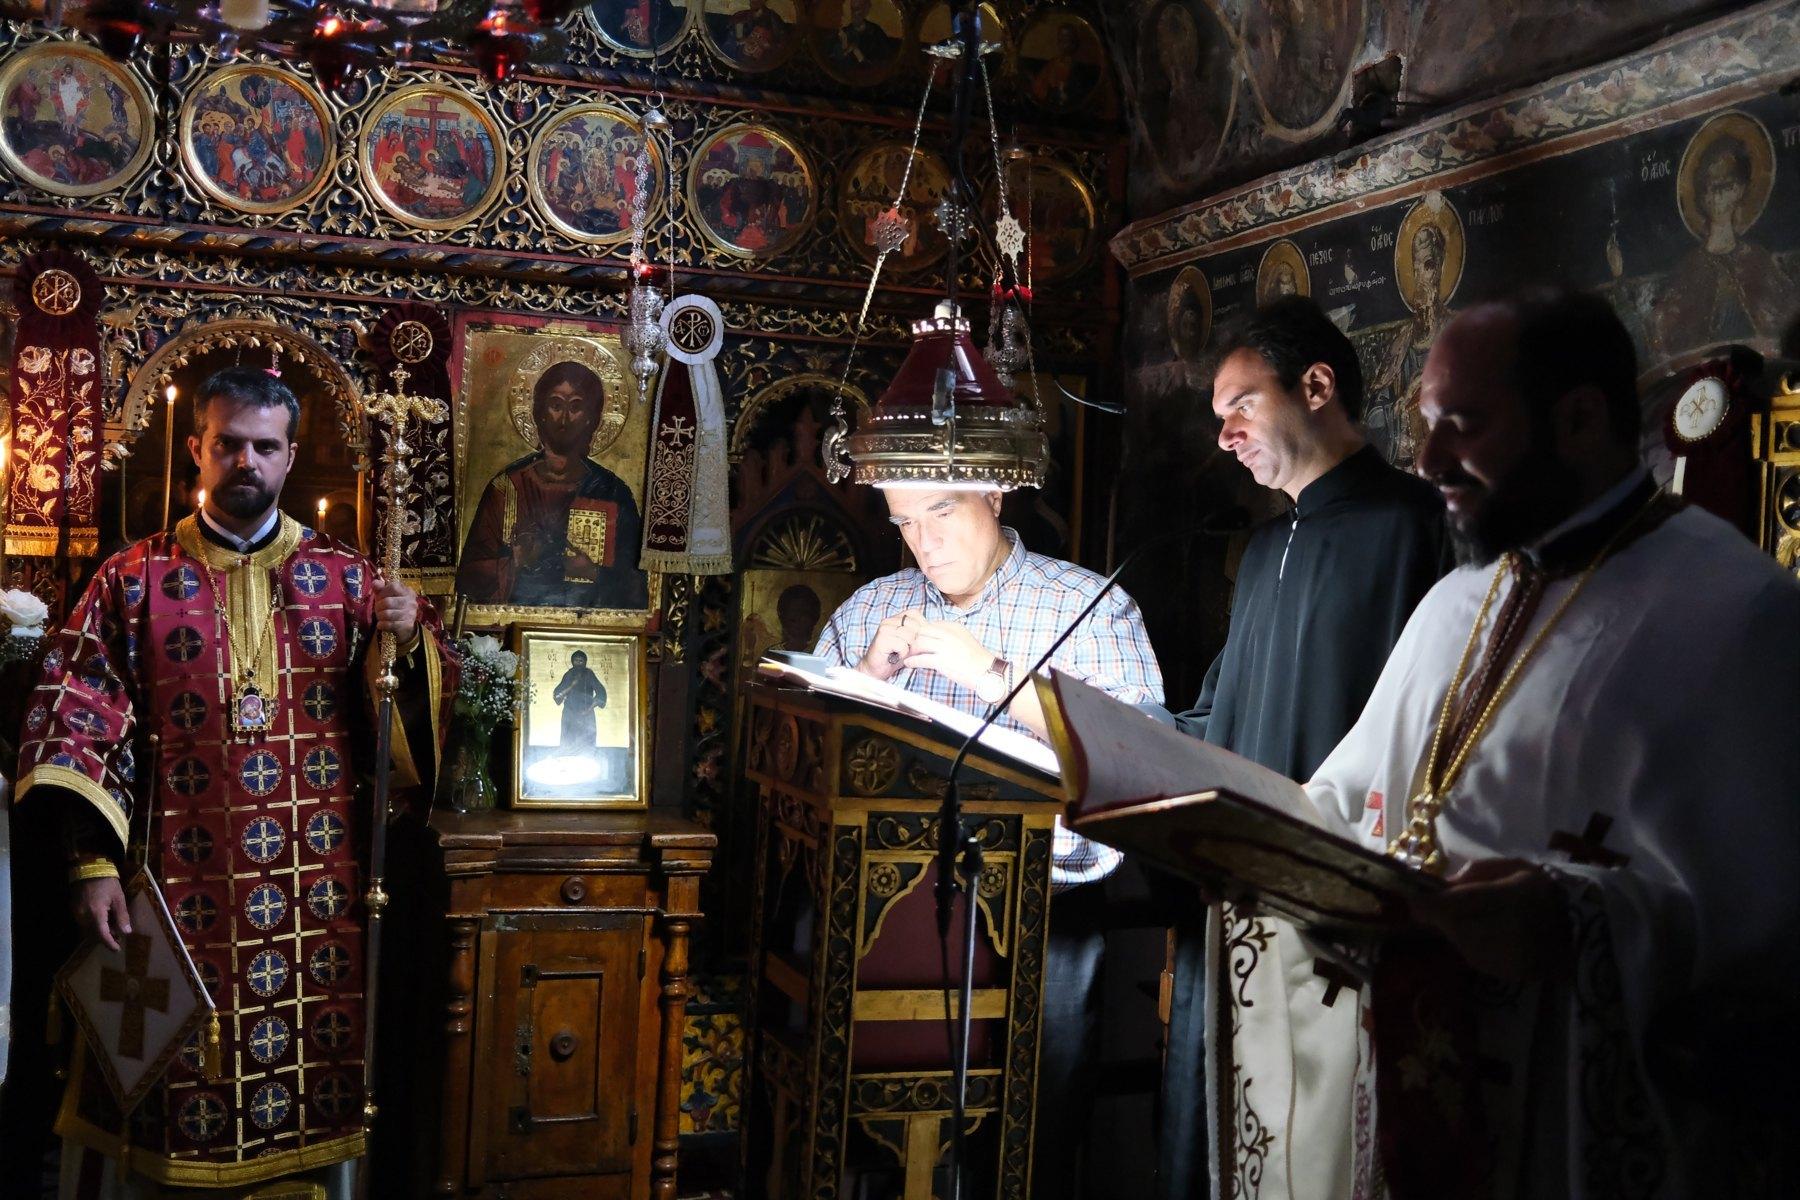 DSCF7831  - Ο Επίσκοπος Μελιτηνής στην Ι. Μονή Παναγίας Πελεκητής